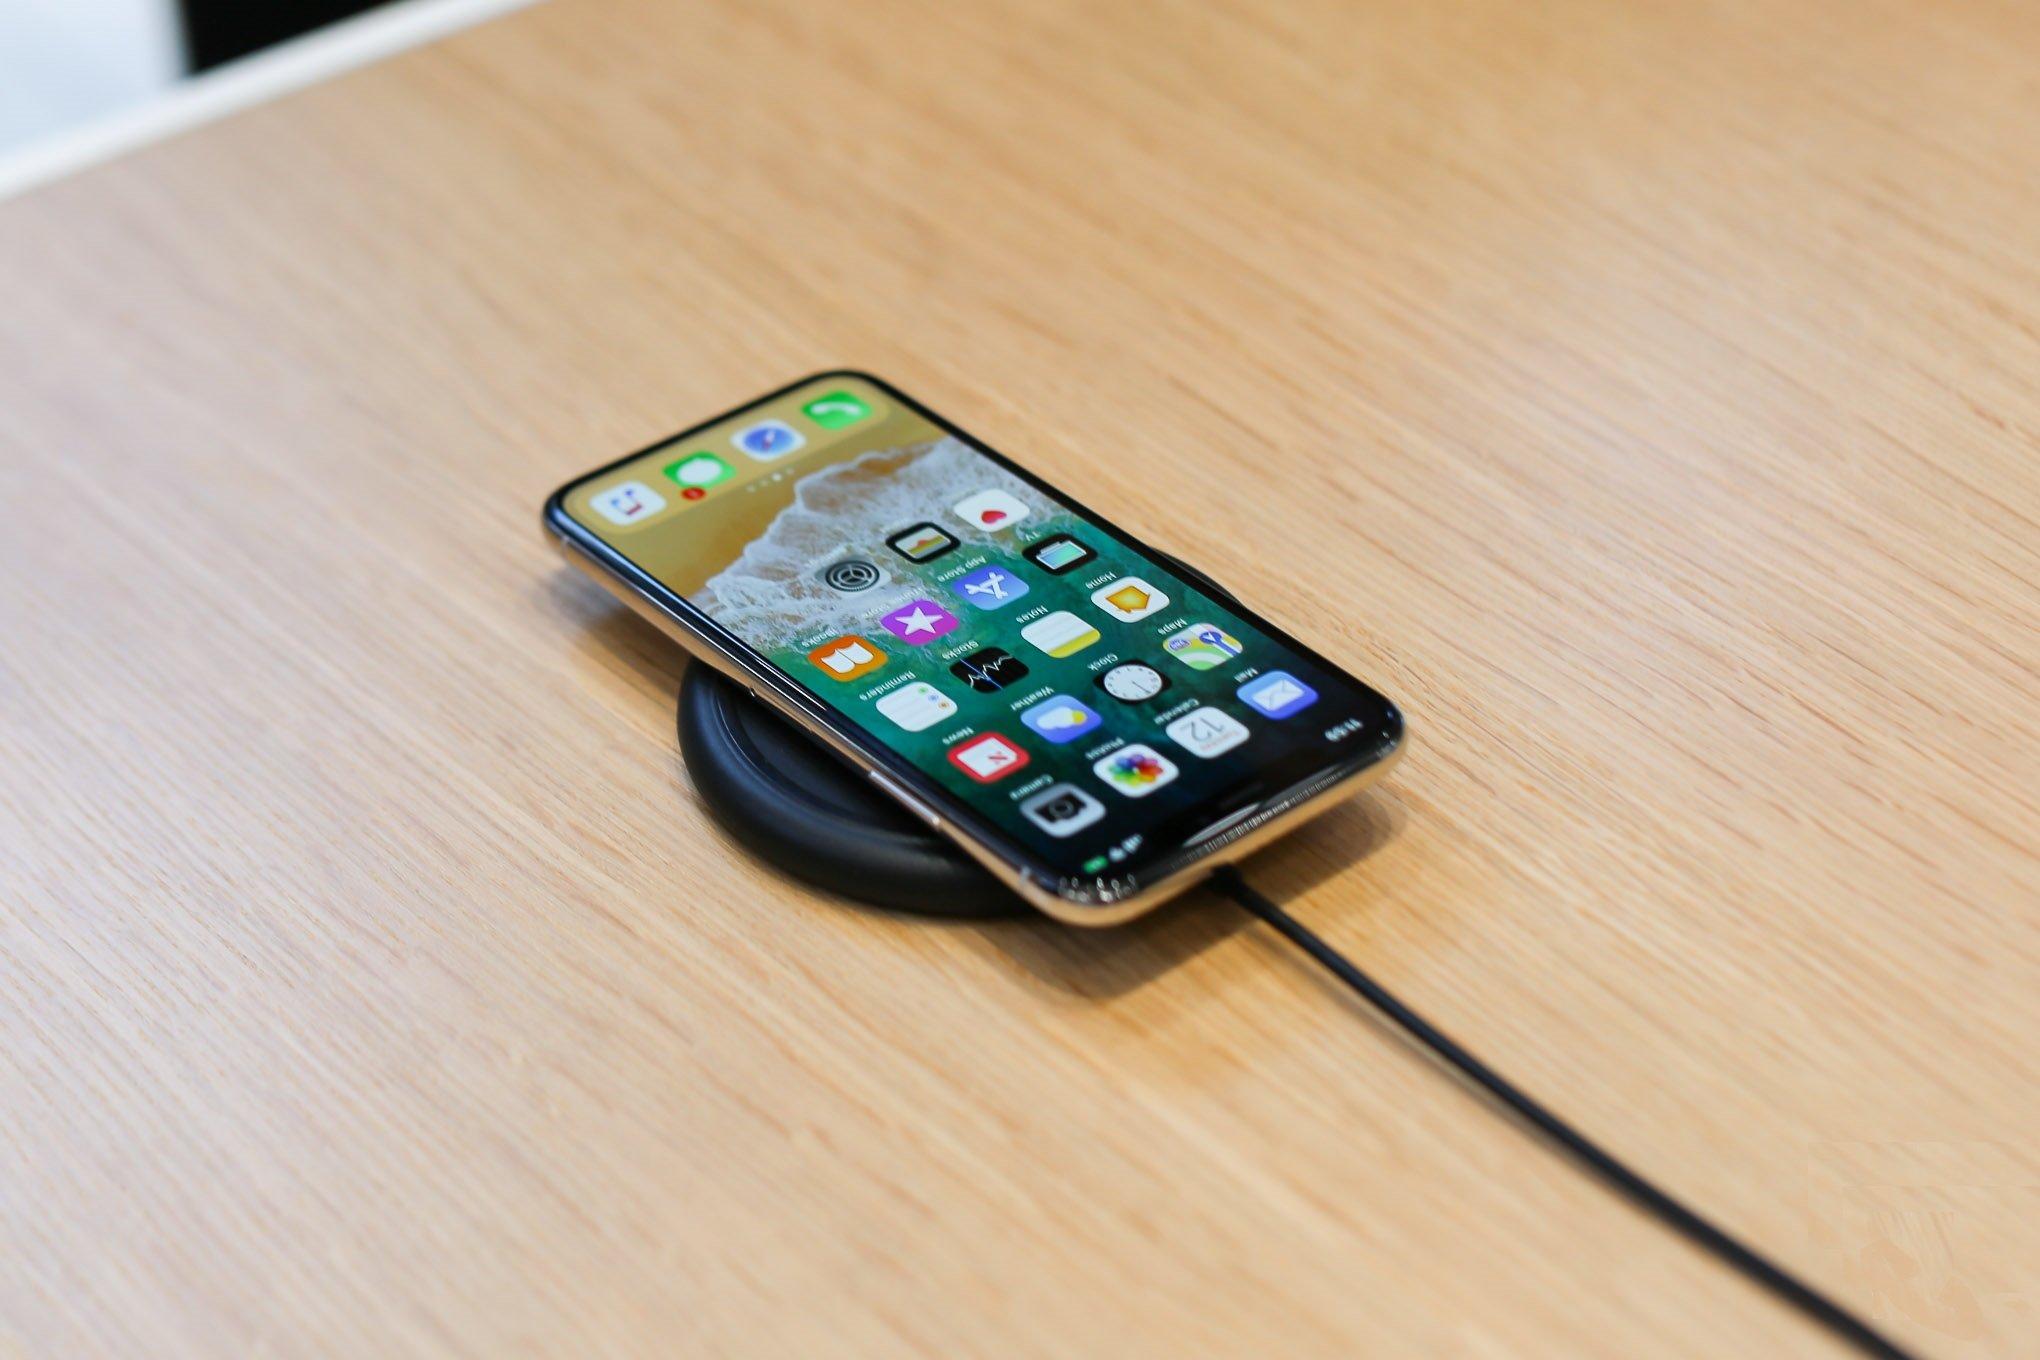 ВБразилии самый доступный iPhone Xстоит 2 170 долларов